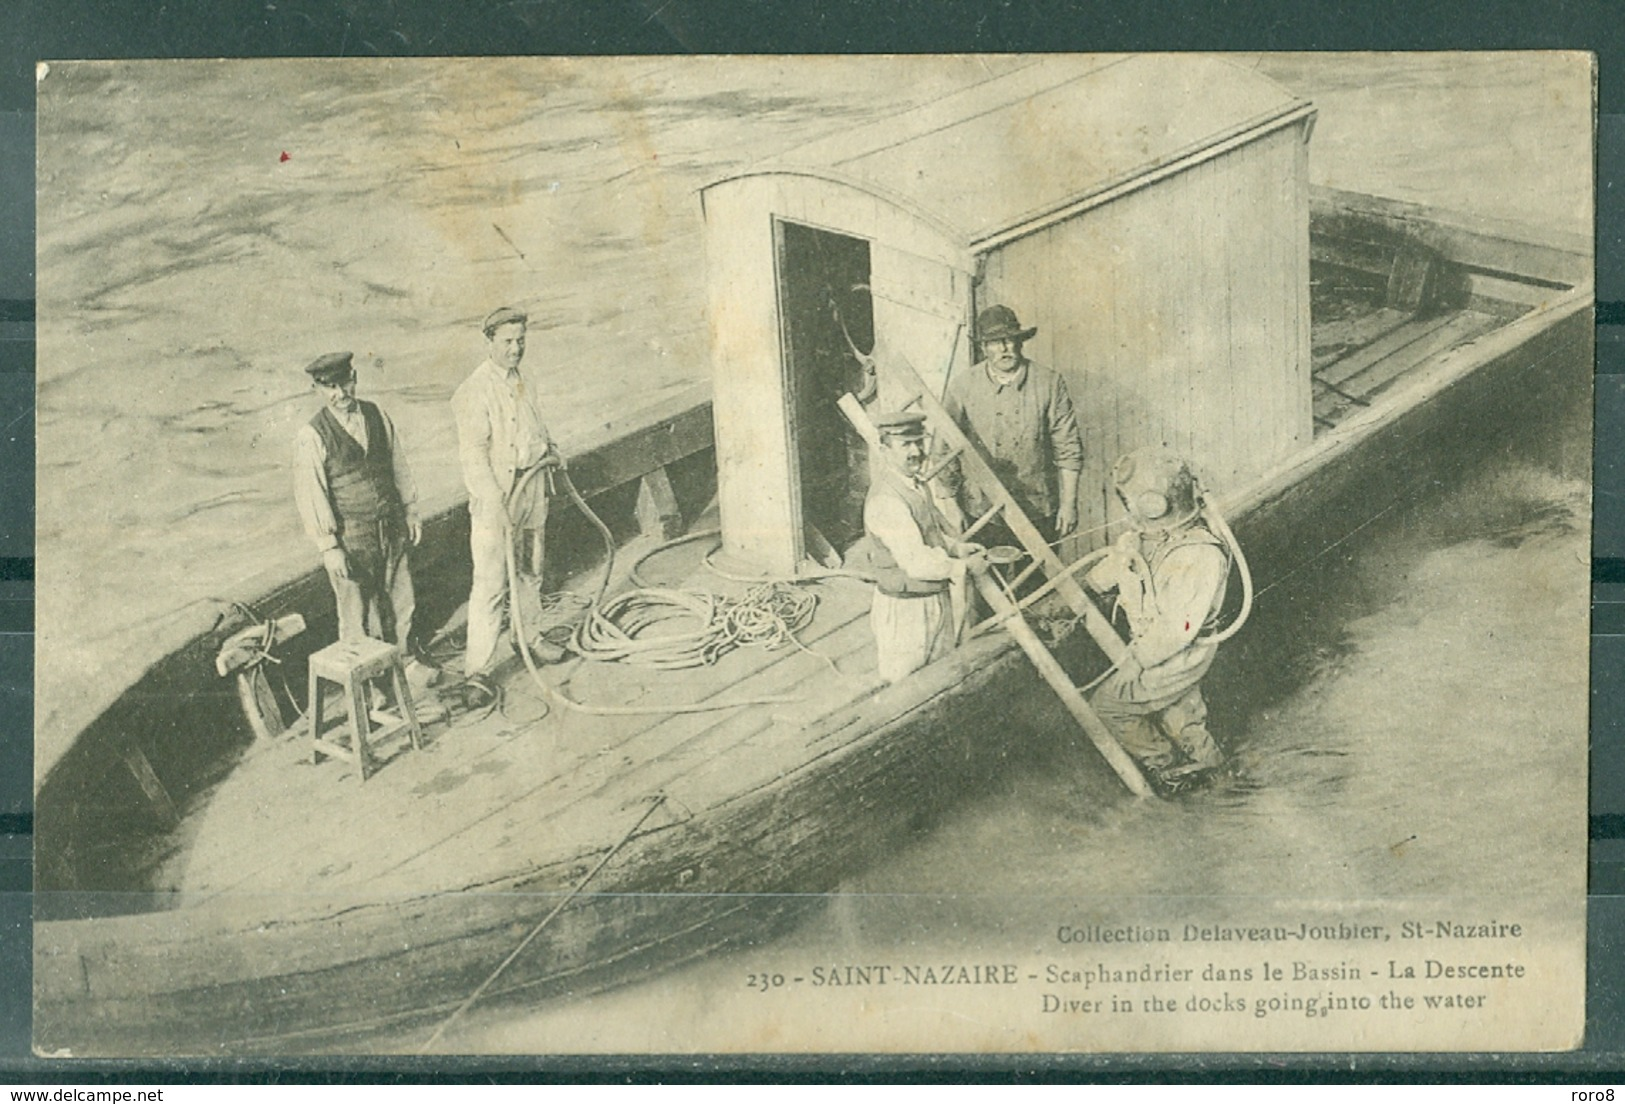 44 - SAINT NAZAIRE - Scaphandrier Dans Le Bassin - La Descente.Coll.Delaveau-Joubier N° 230 (dos Vert) - Saint Nazaire